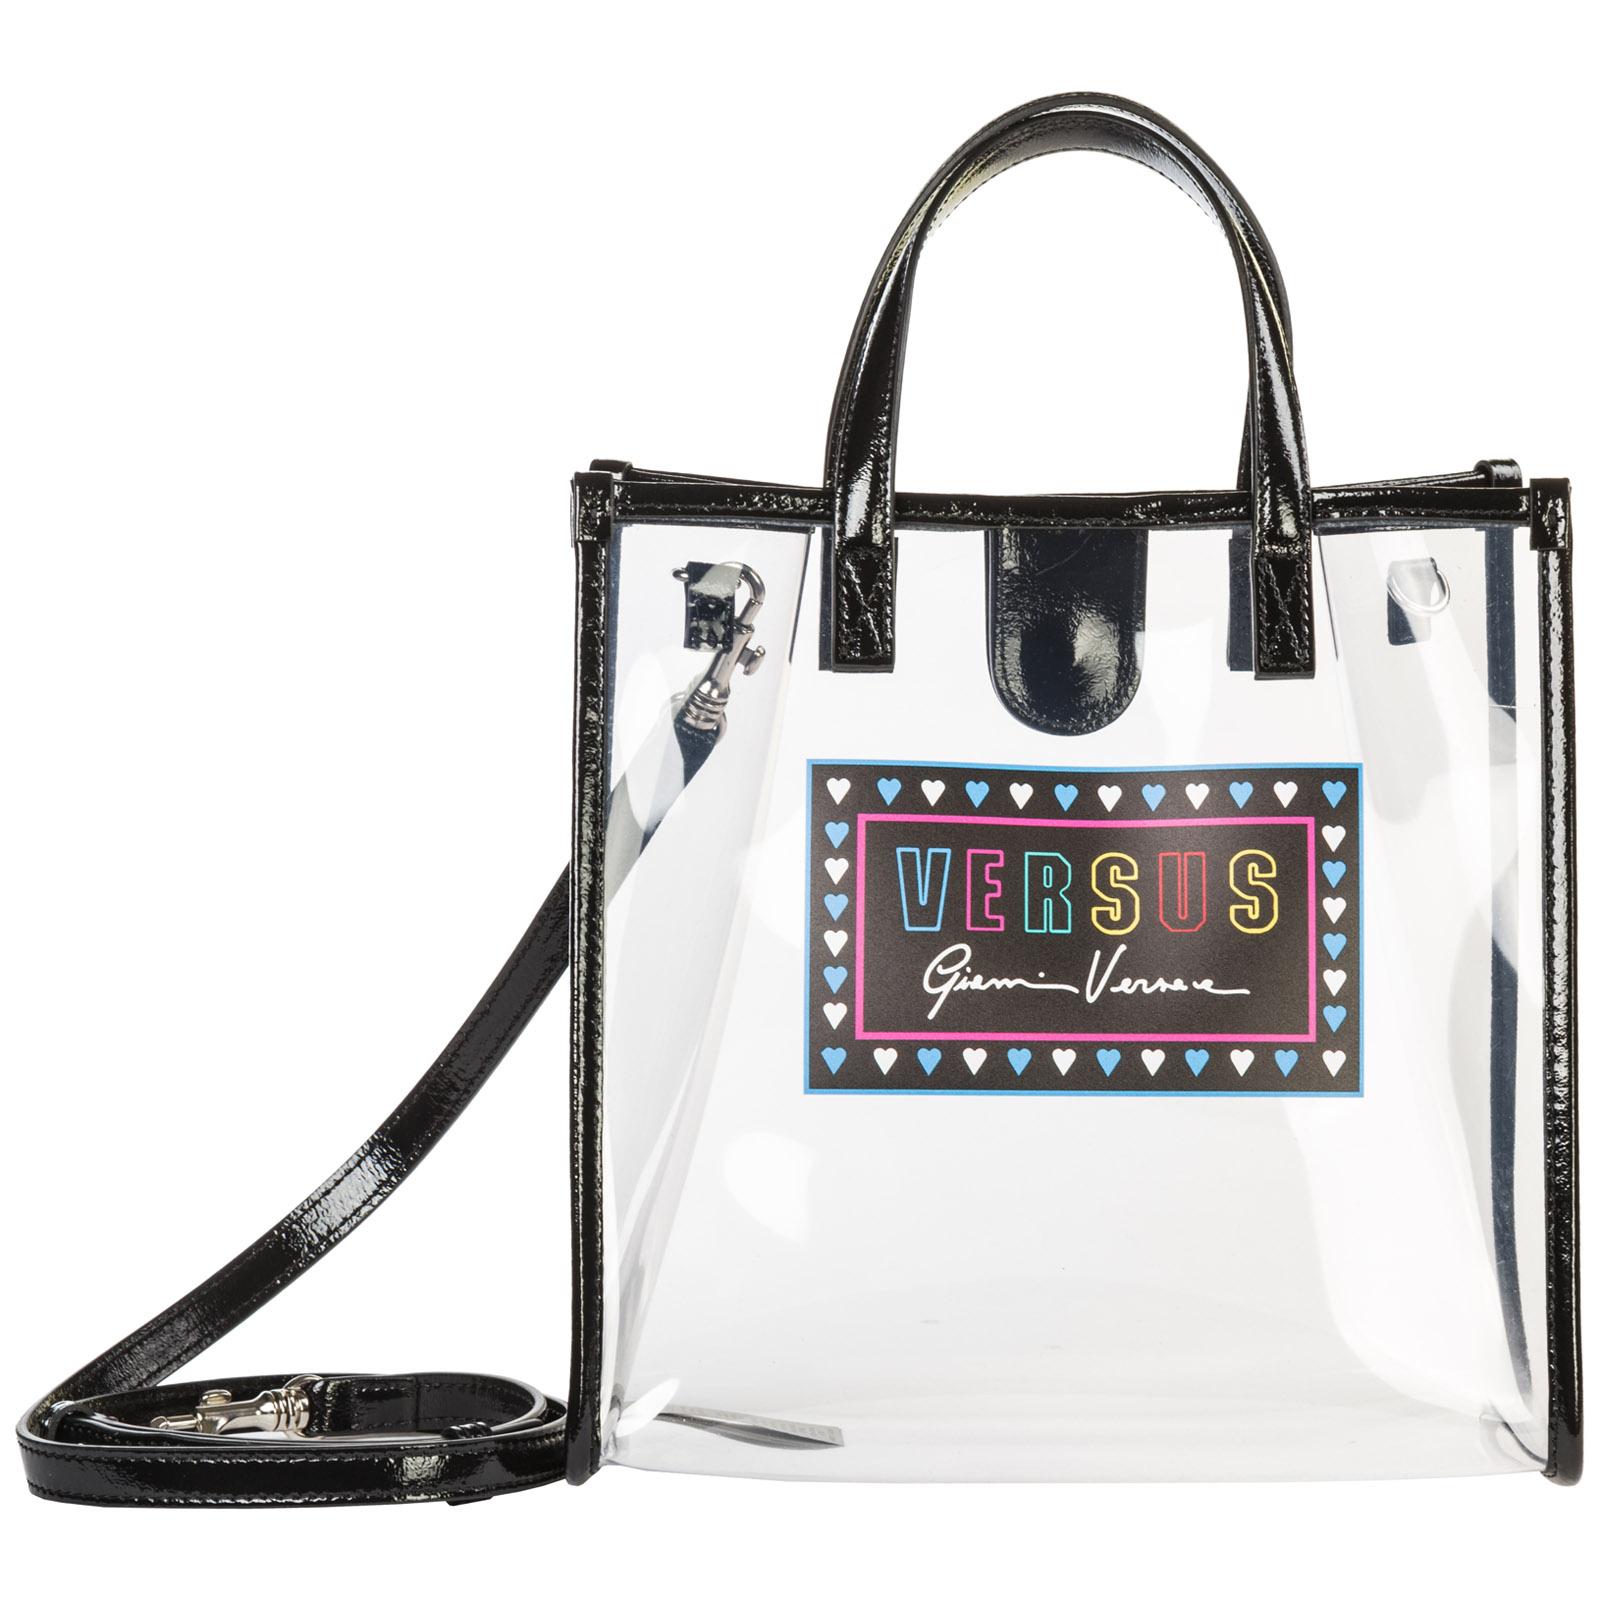 b32e11e3624e Versus Versace Women s handbag cross-body messenger bag purse